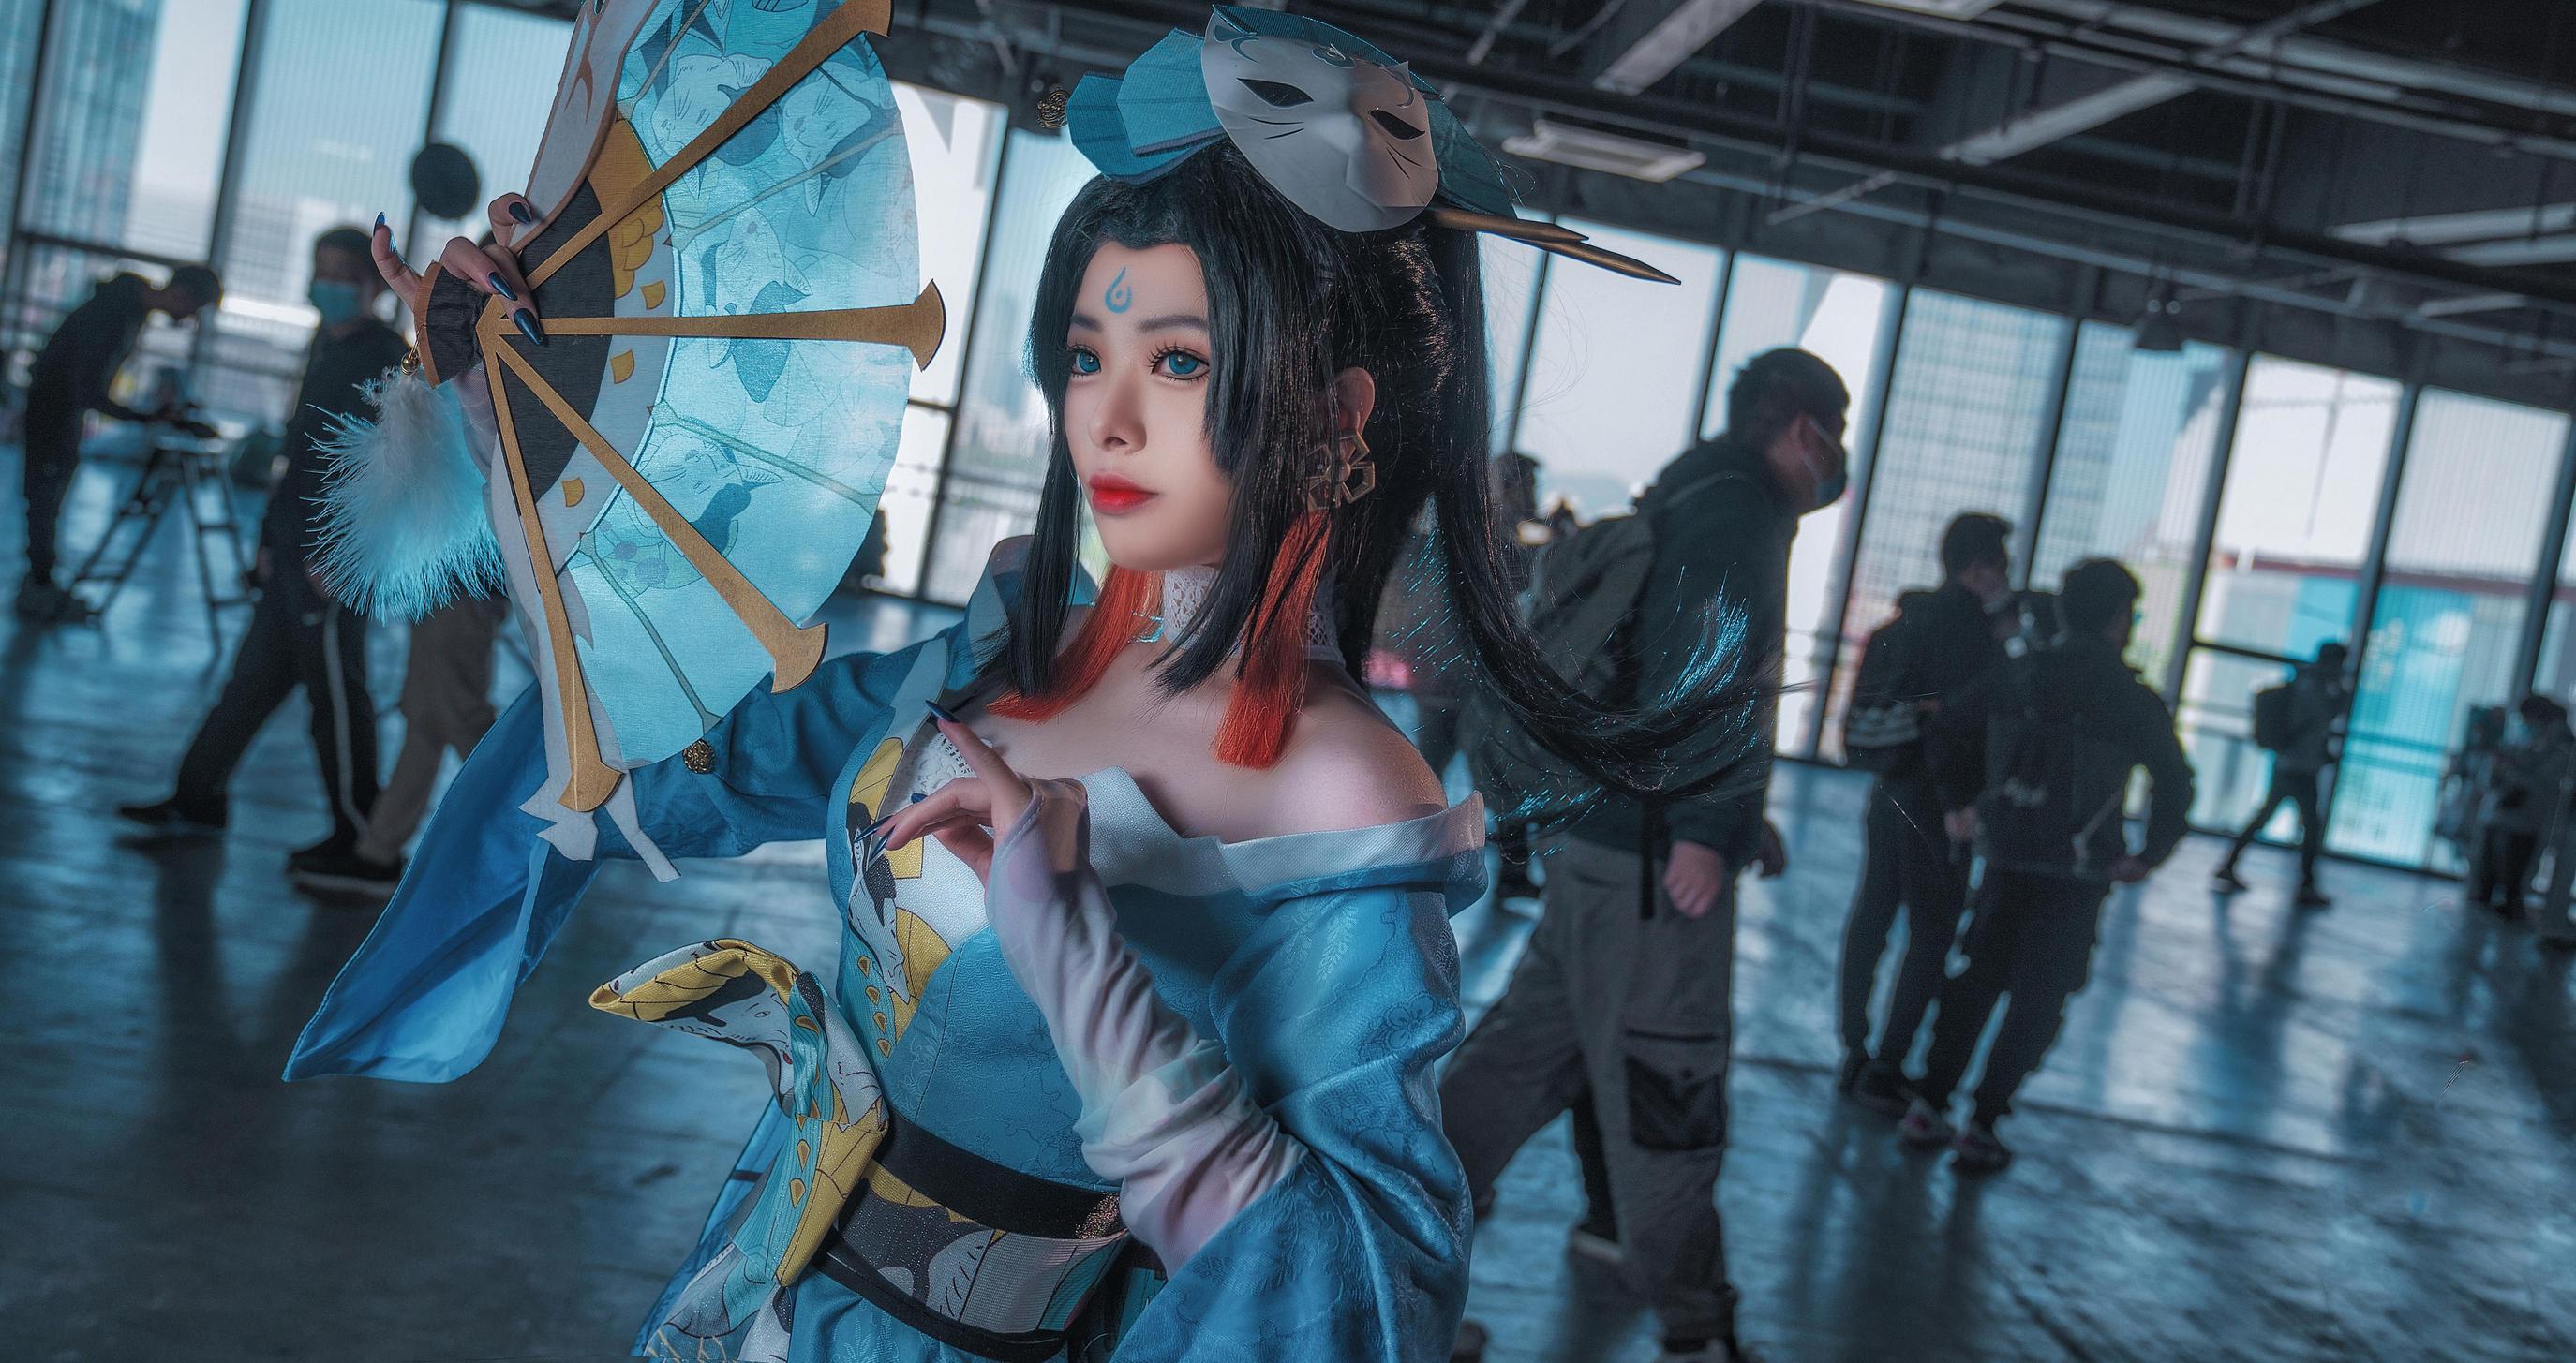 《王者荣耀》游戏cosplay【CN:藤龙】-第4张